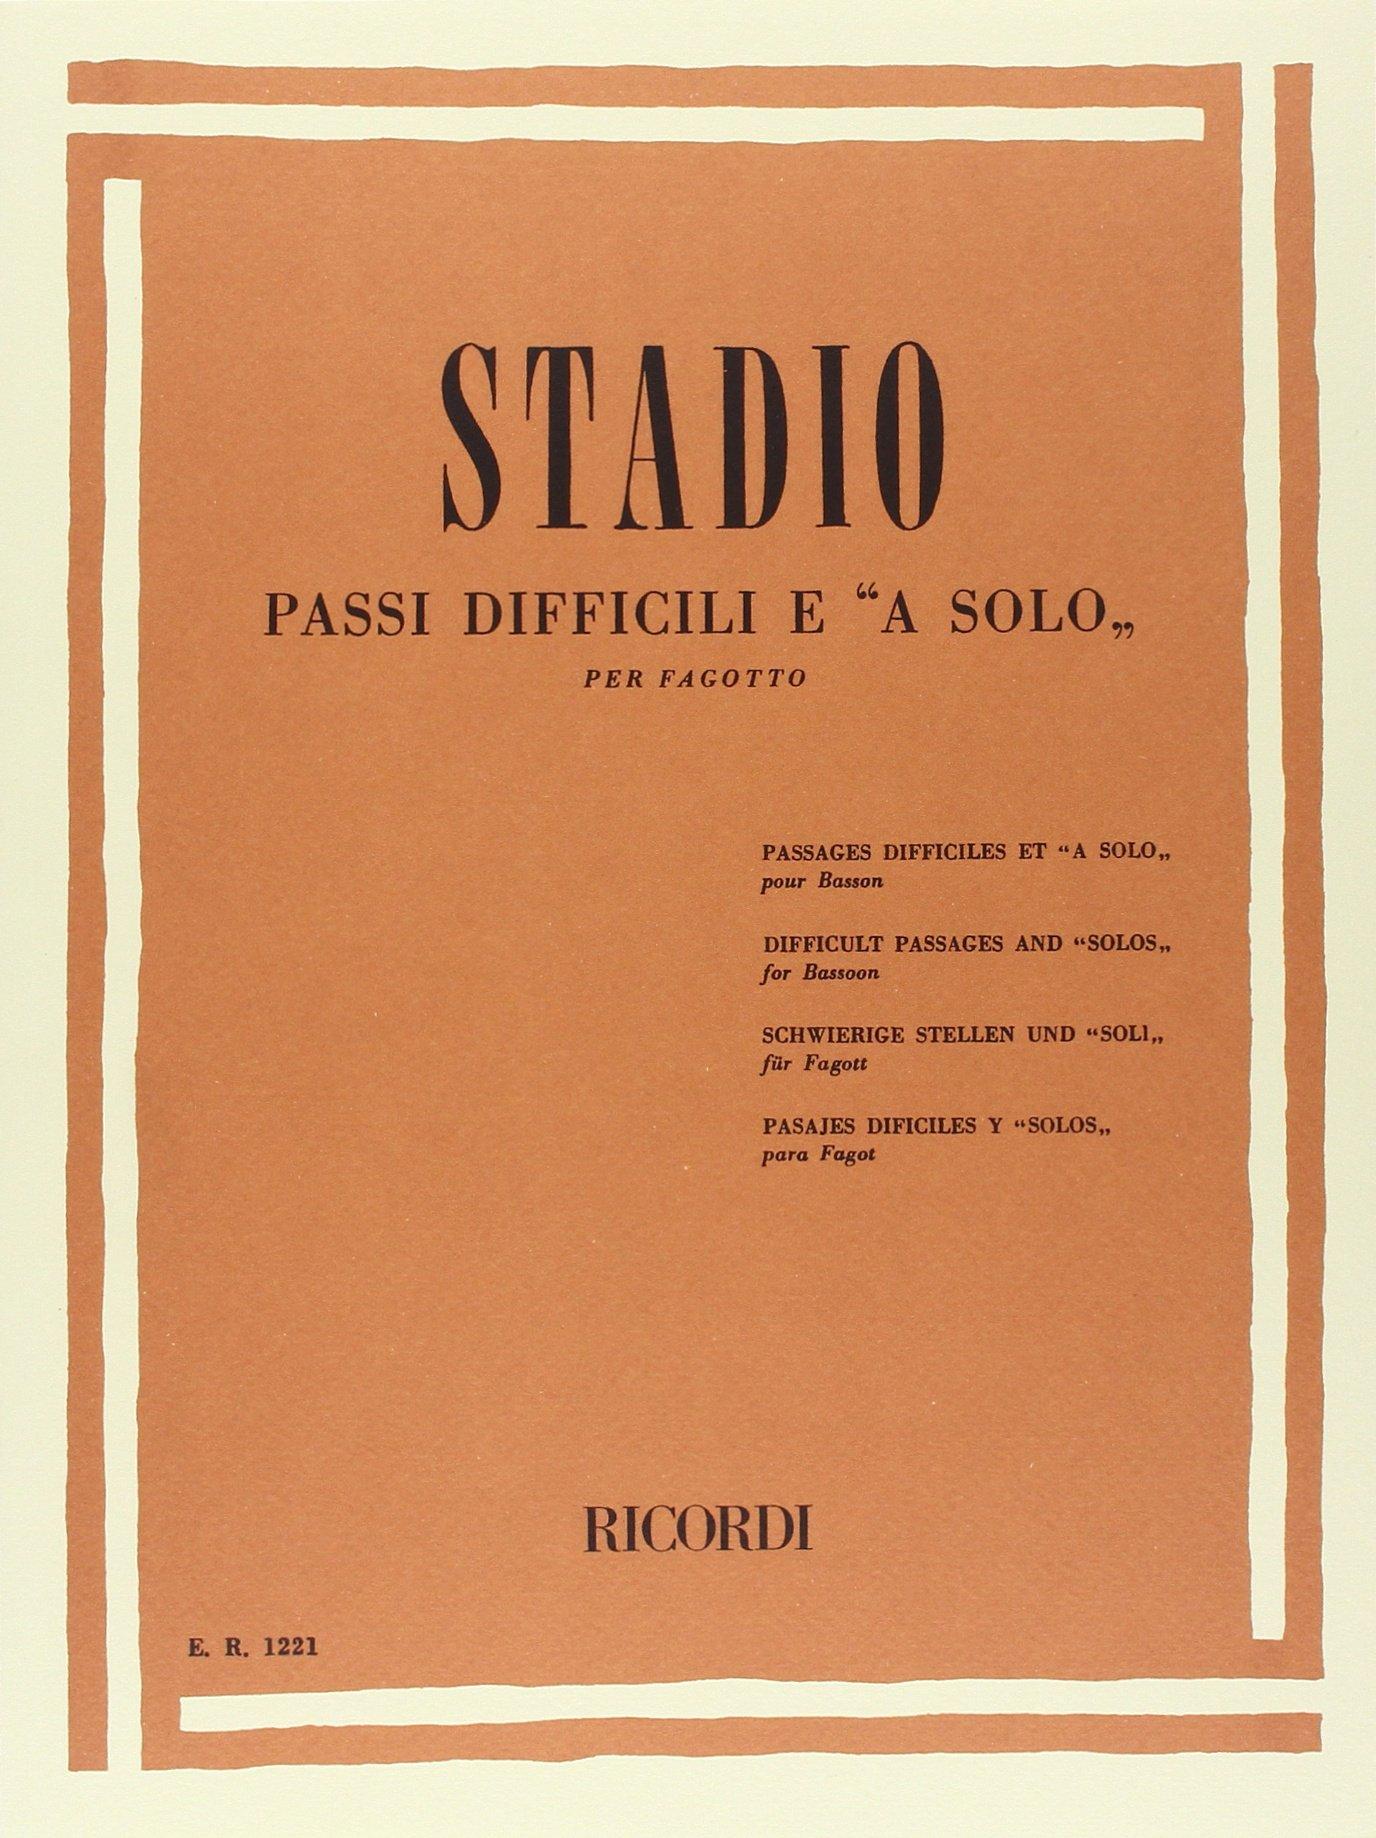 Passi Difficili E A Solo Broché – 1 janvier 1984 C. Stadio Ricordi 0041812212 Musique